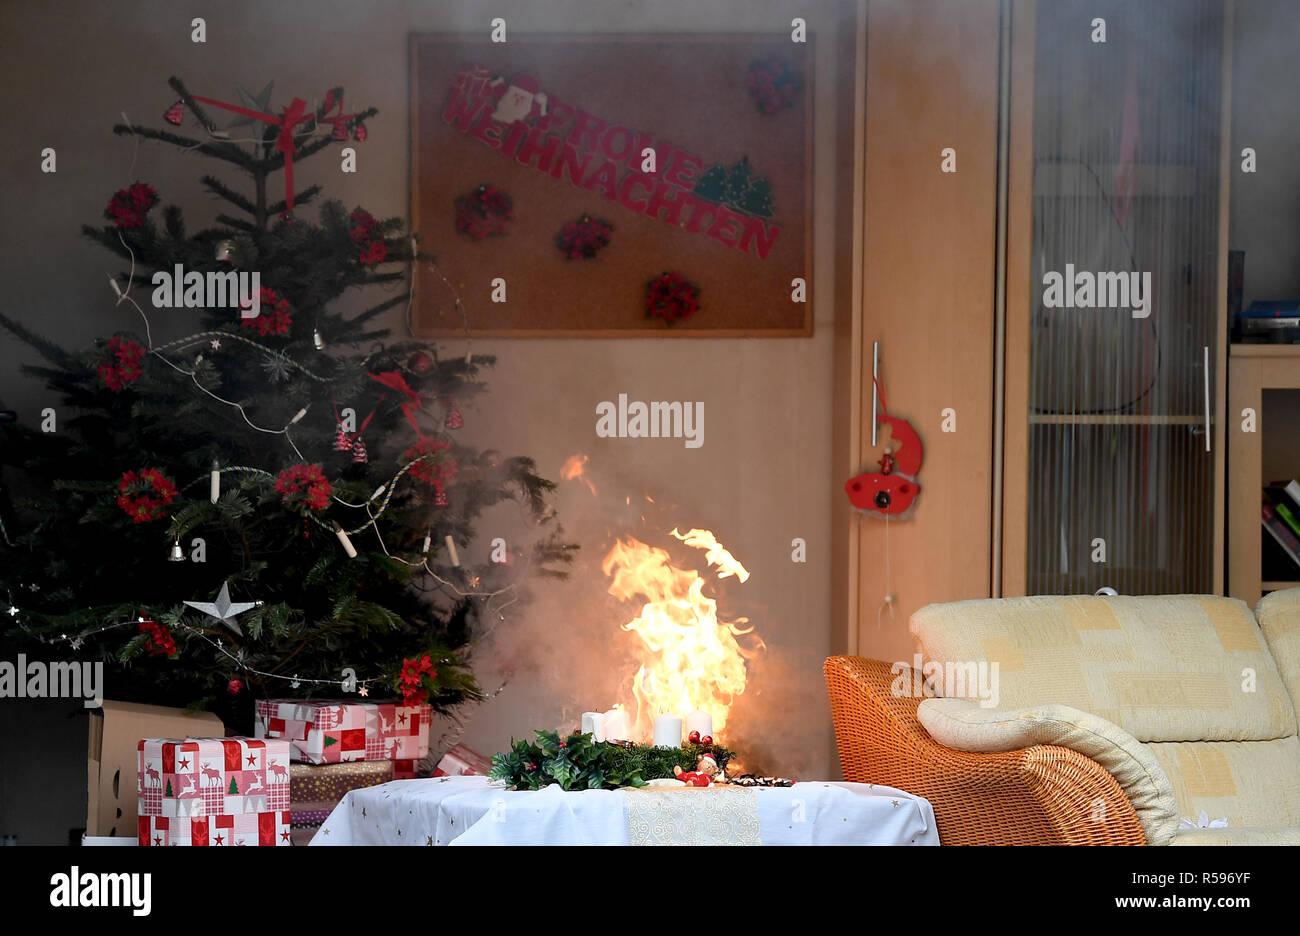 Advent Weihnachten Stockfotos & Advent Weihnachten Bilder - Seite 32 ...